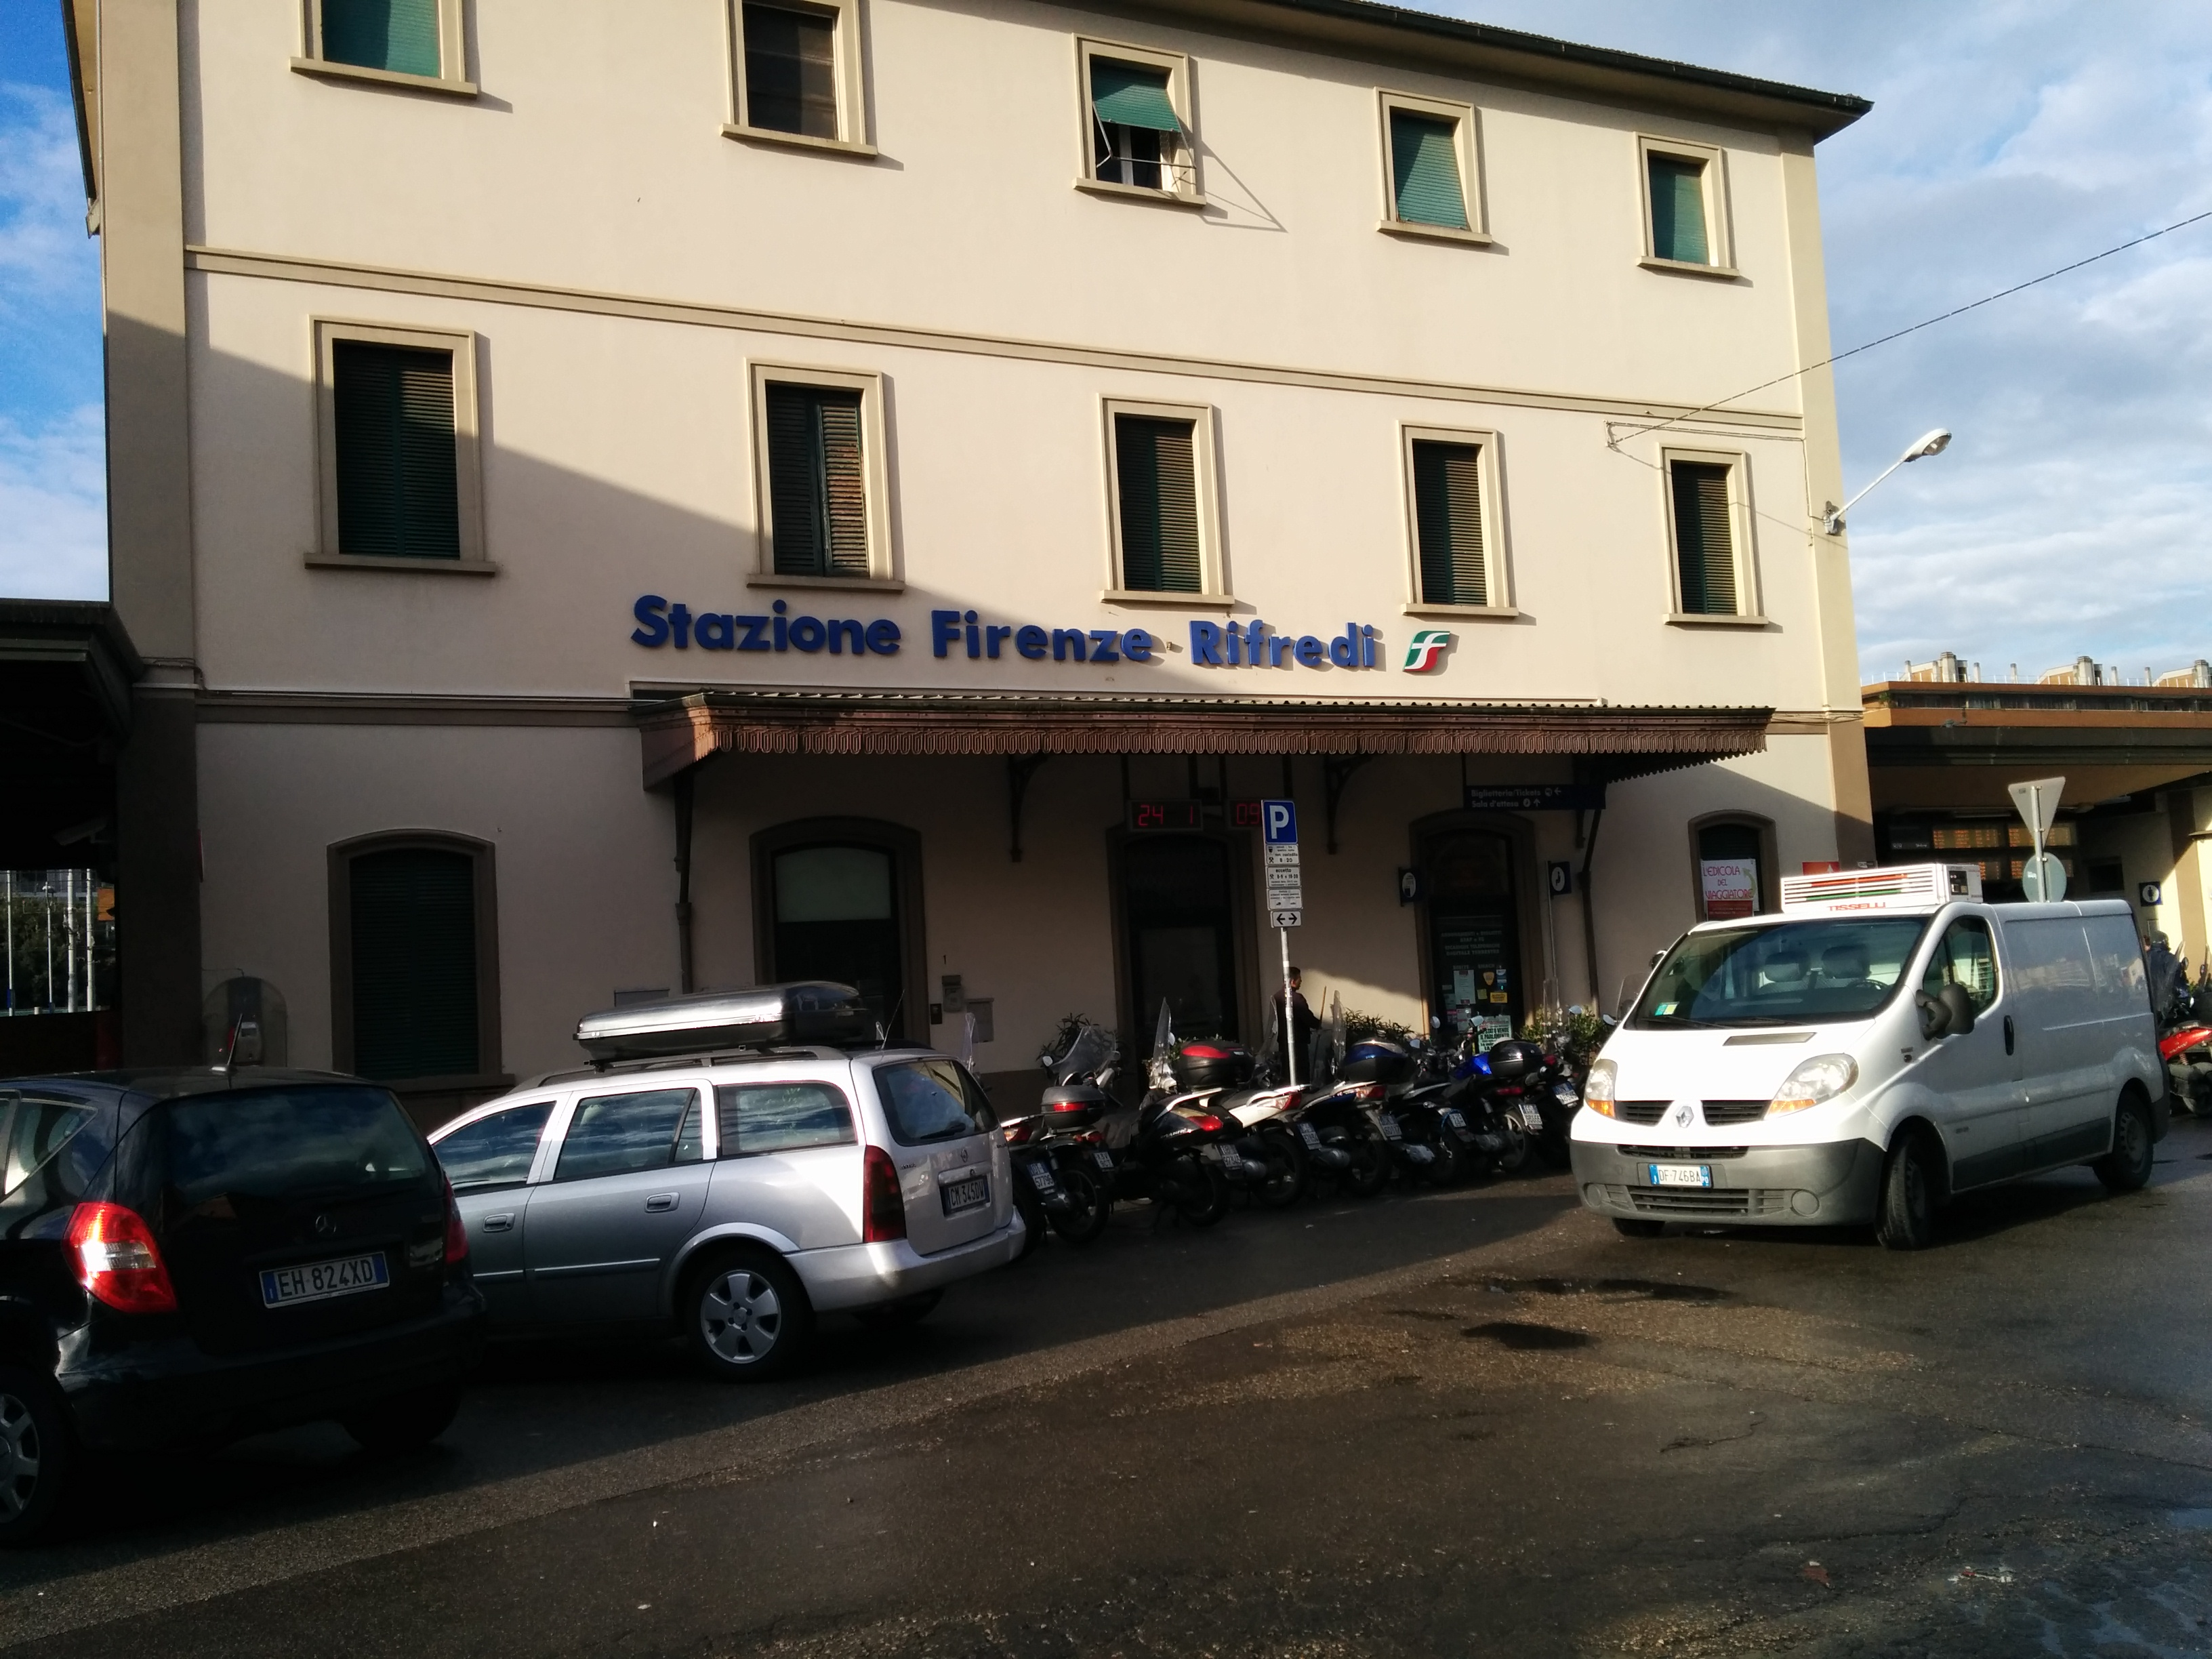 Stazione di Firenze Rifredi